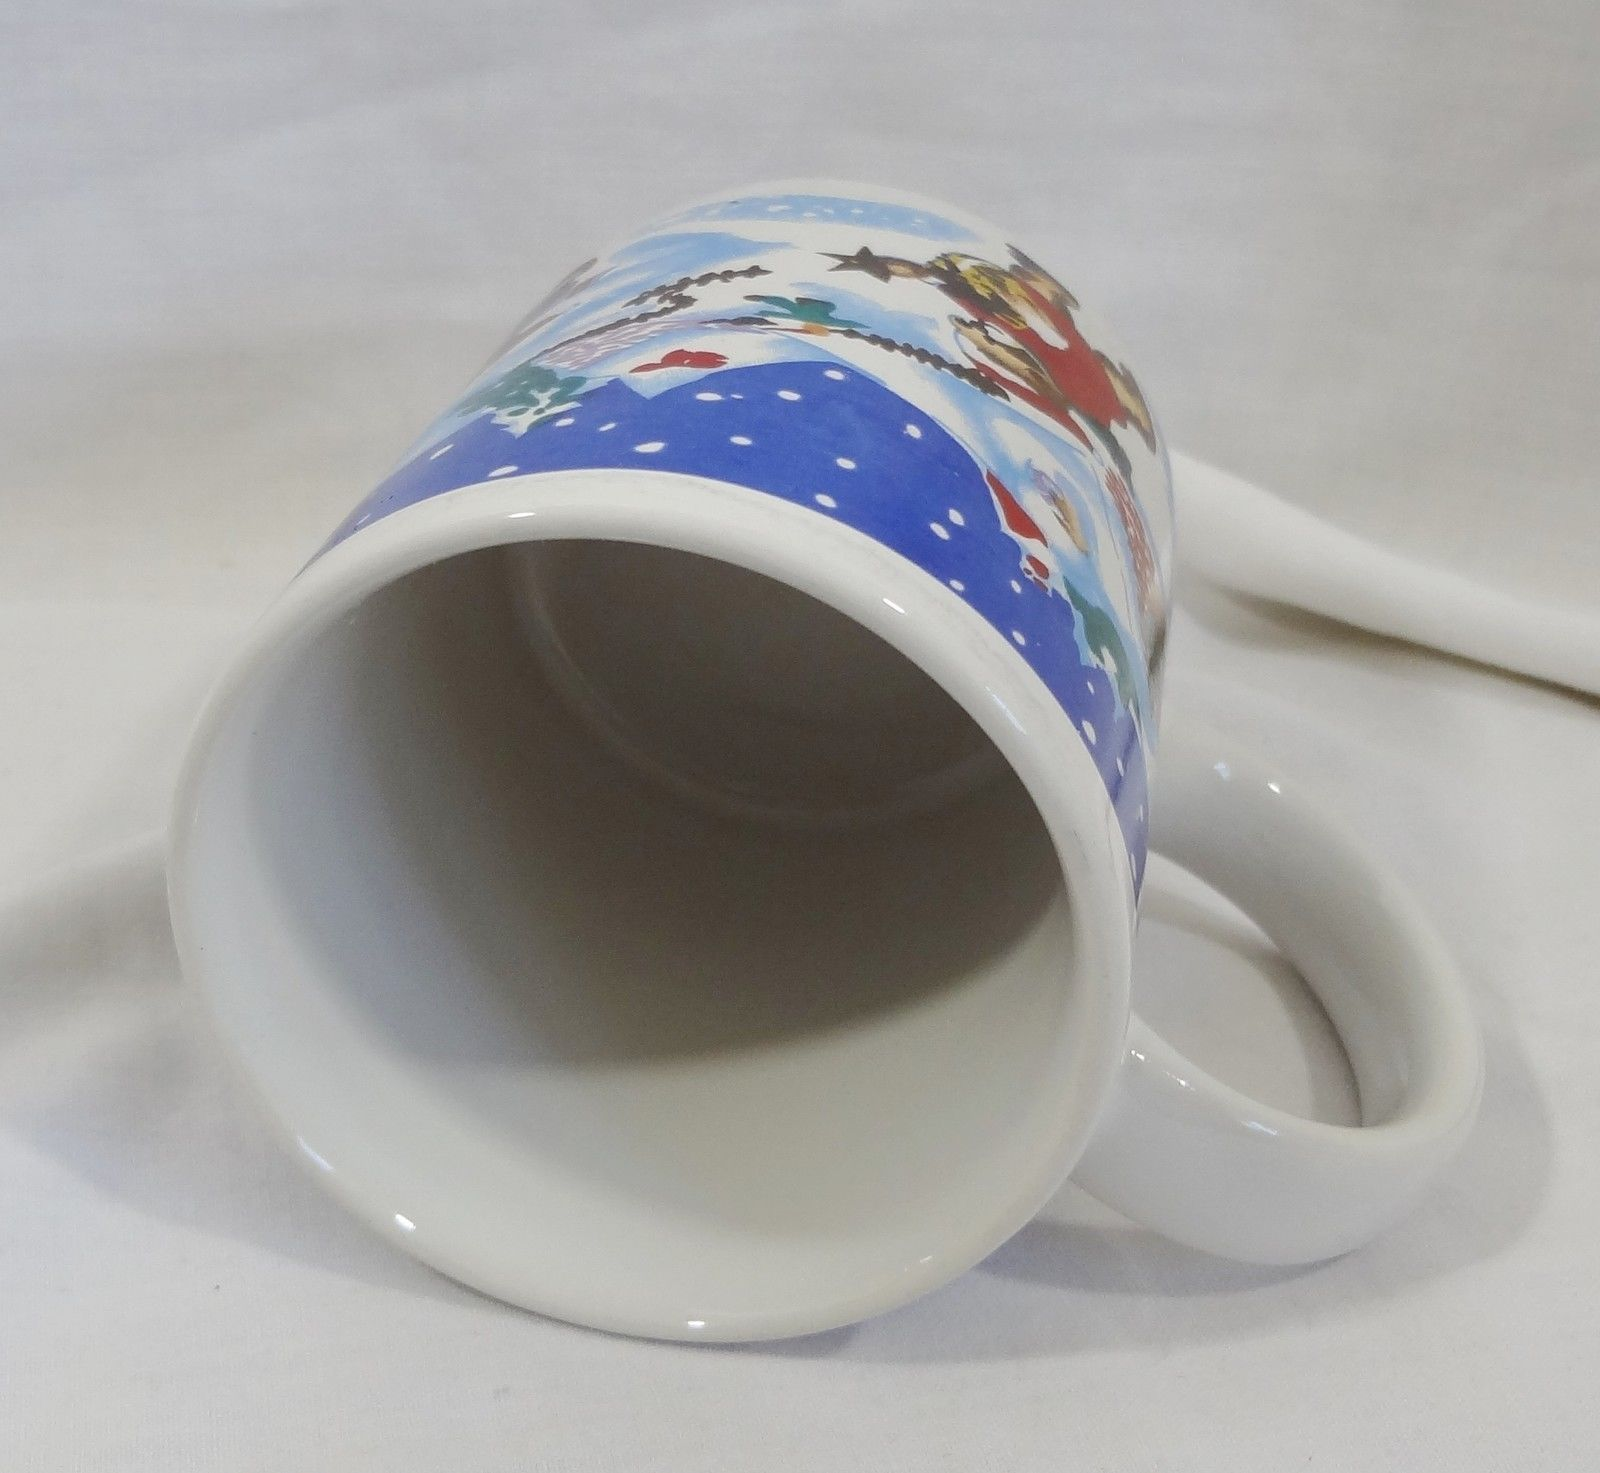 Christmas Winter Scene Holiday 8 oz Coffee Mug Cup